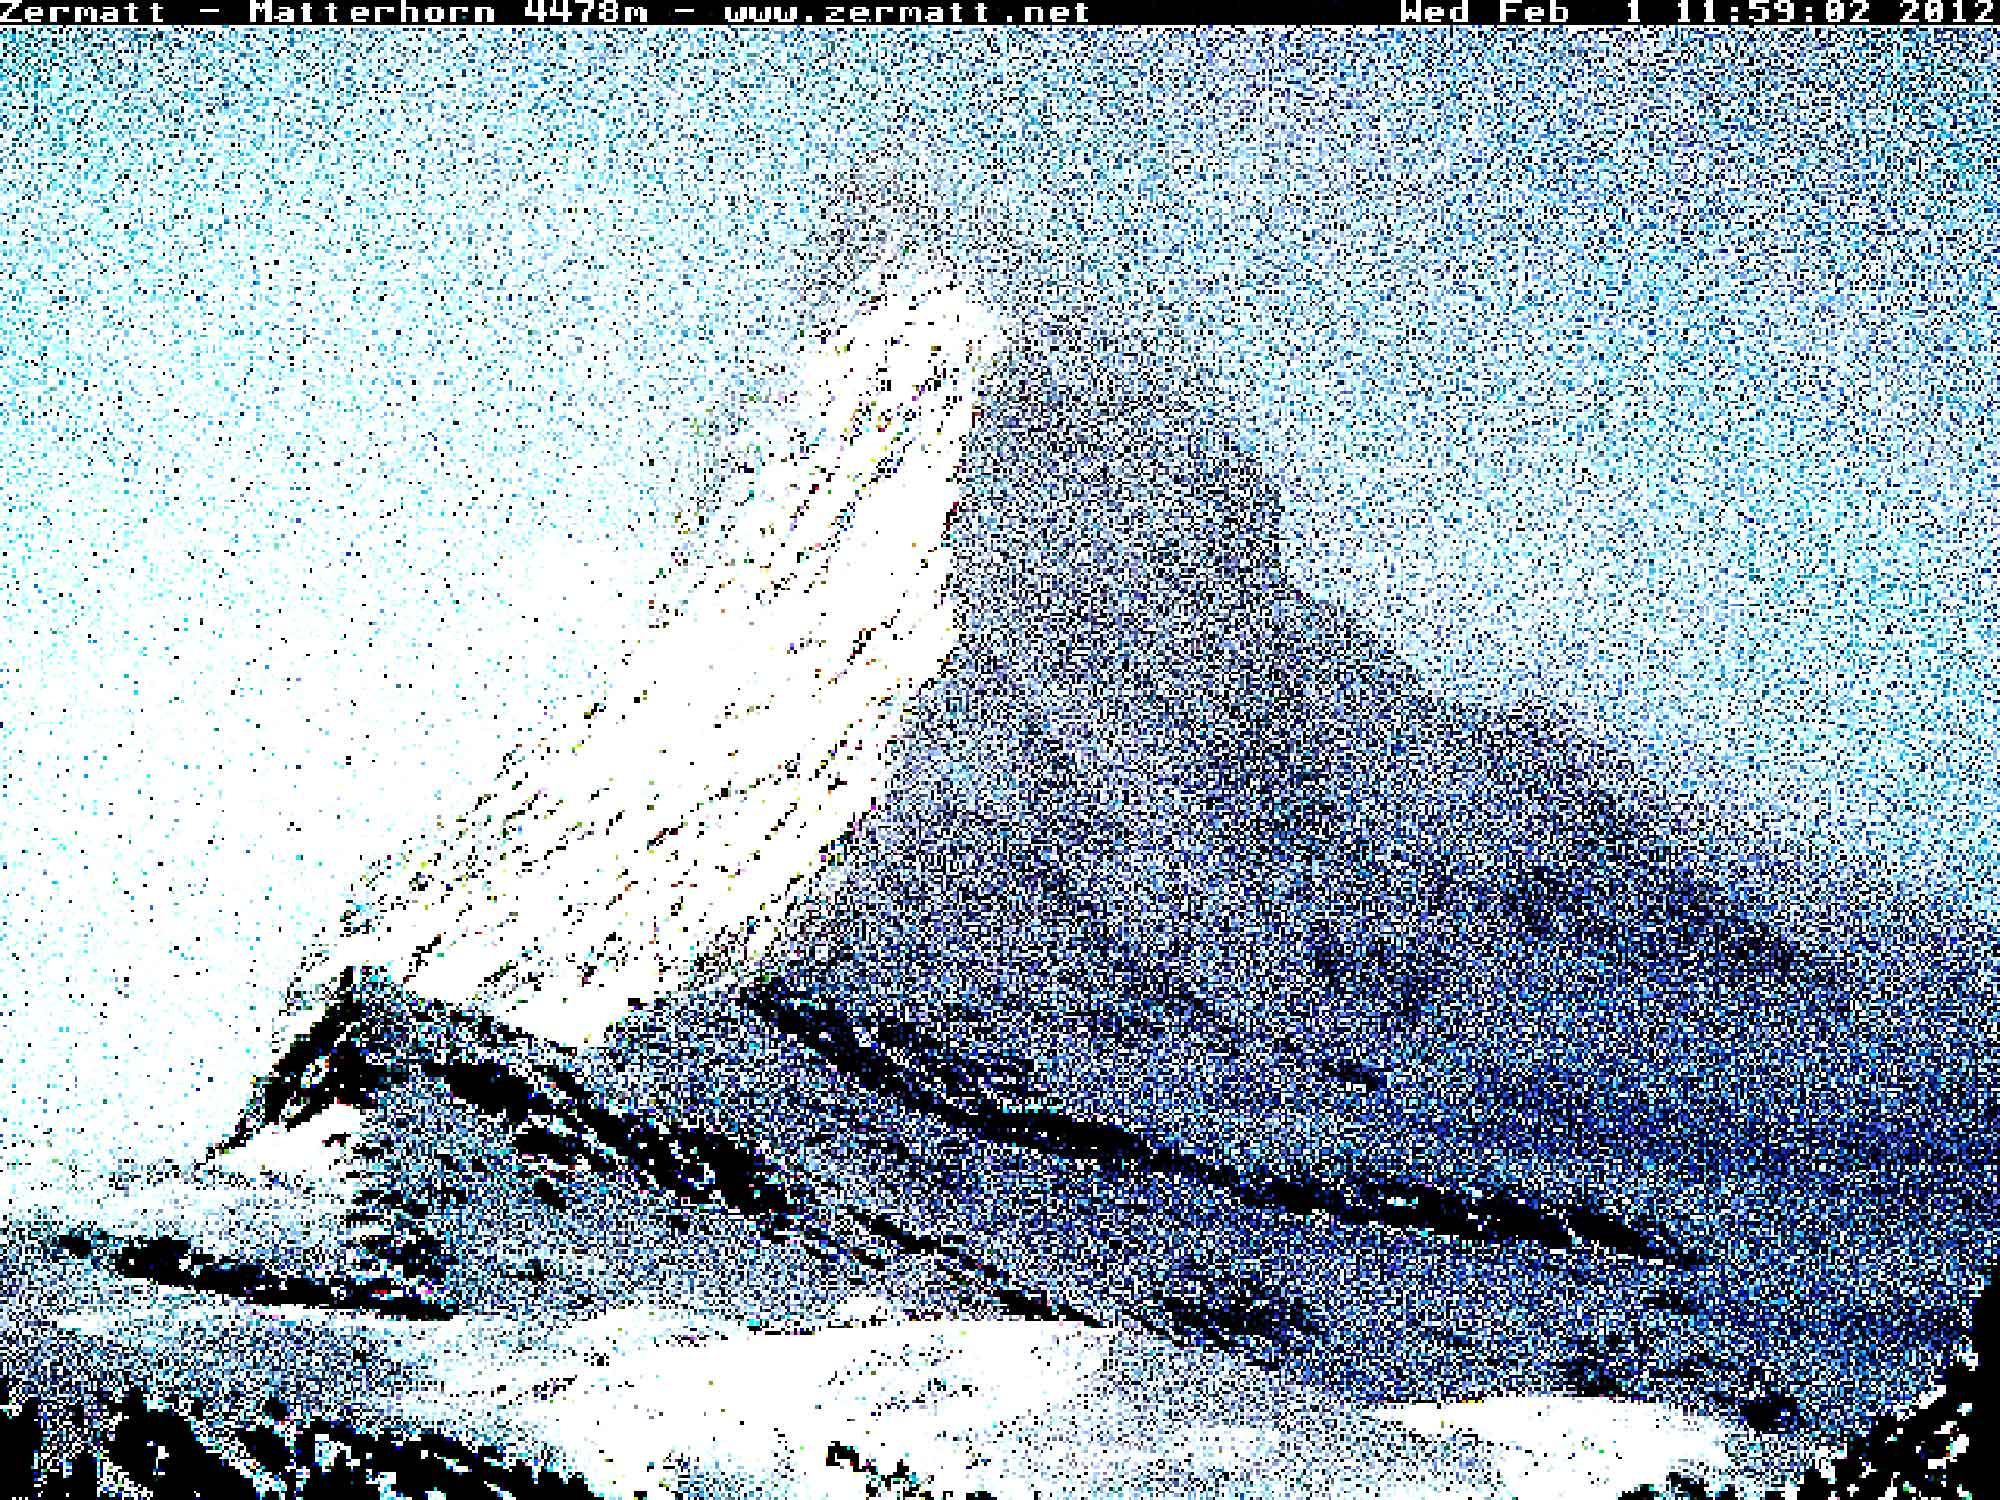 #0747 Matterhorn 2012 02 01